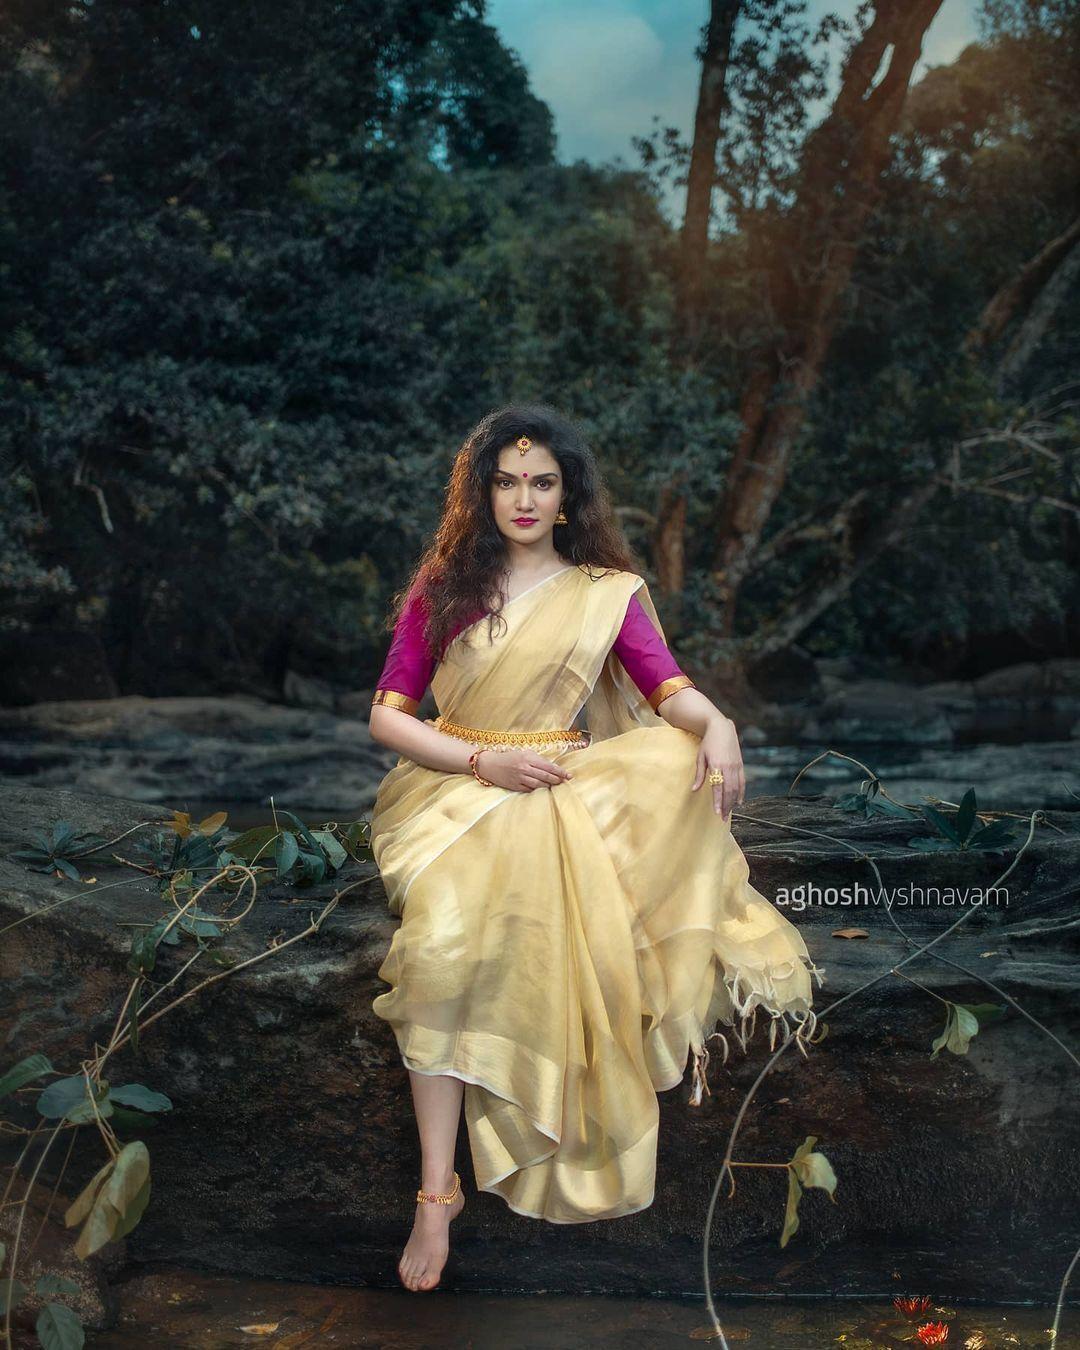 என்ன அழகு...எத்தனை அழகு...போதை ஏற்றும் ஹனி ரோஸ் போட்டோஸ்